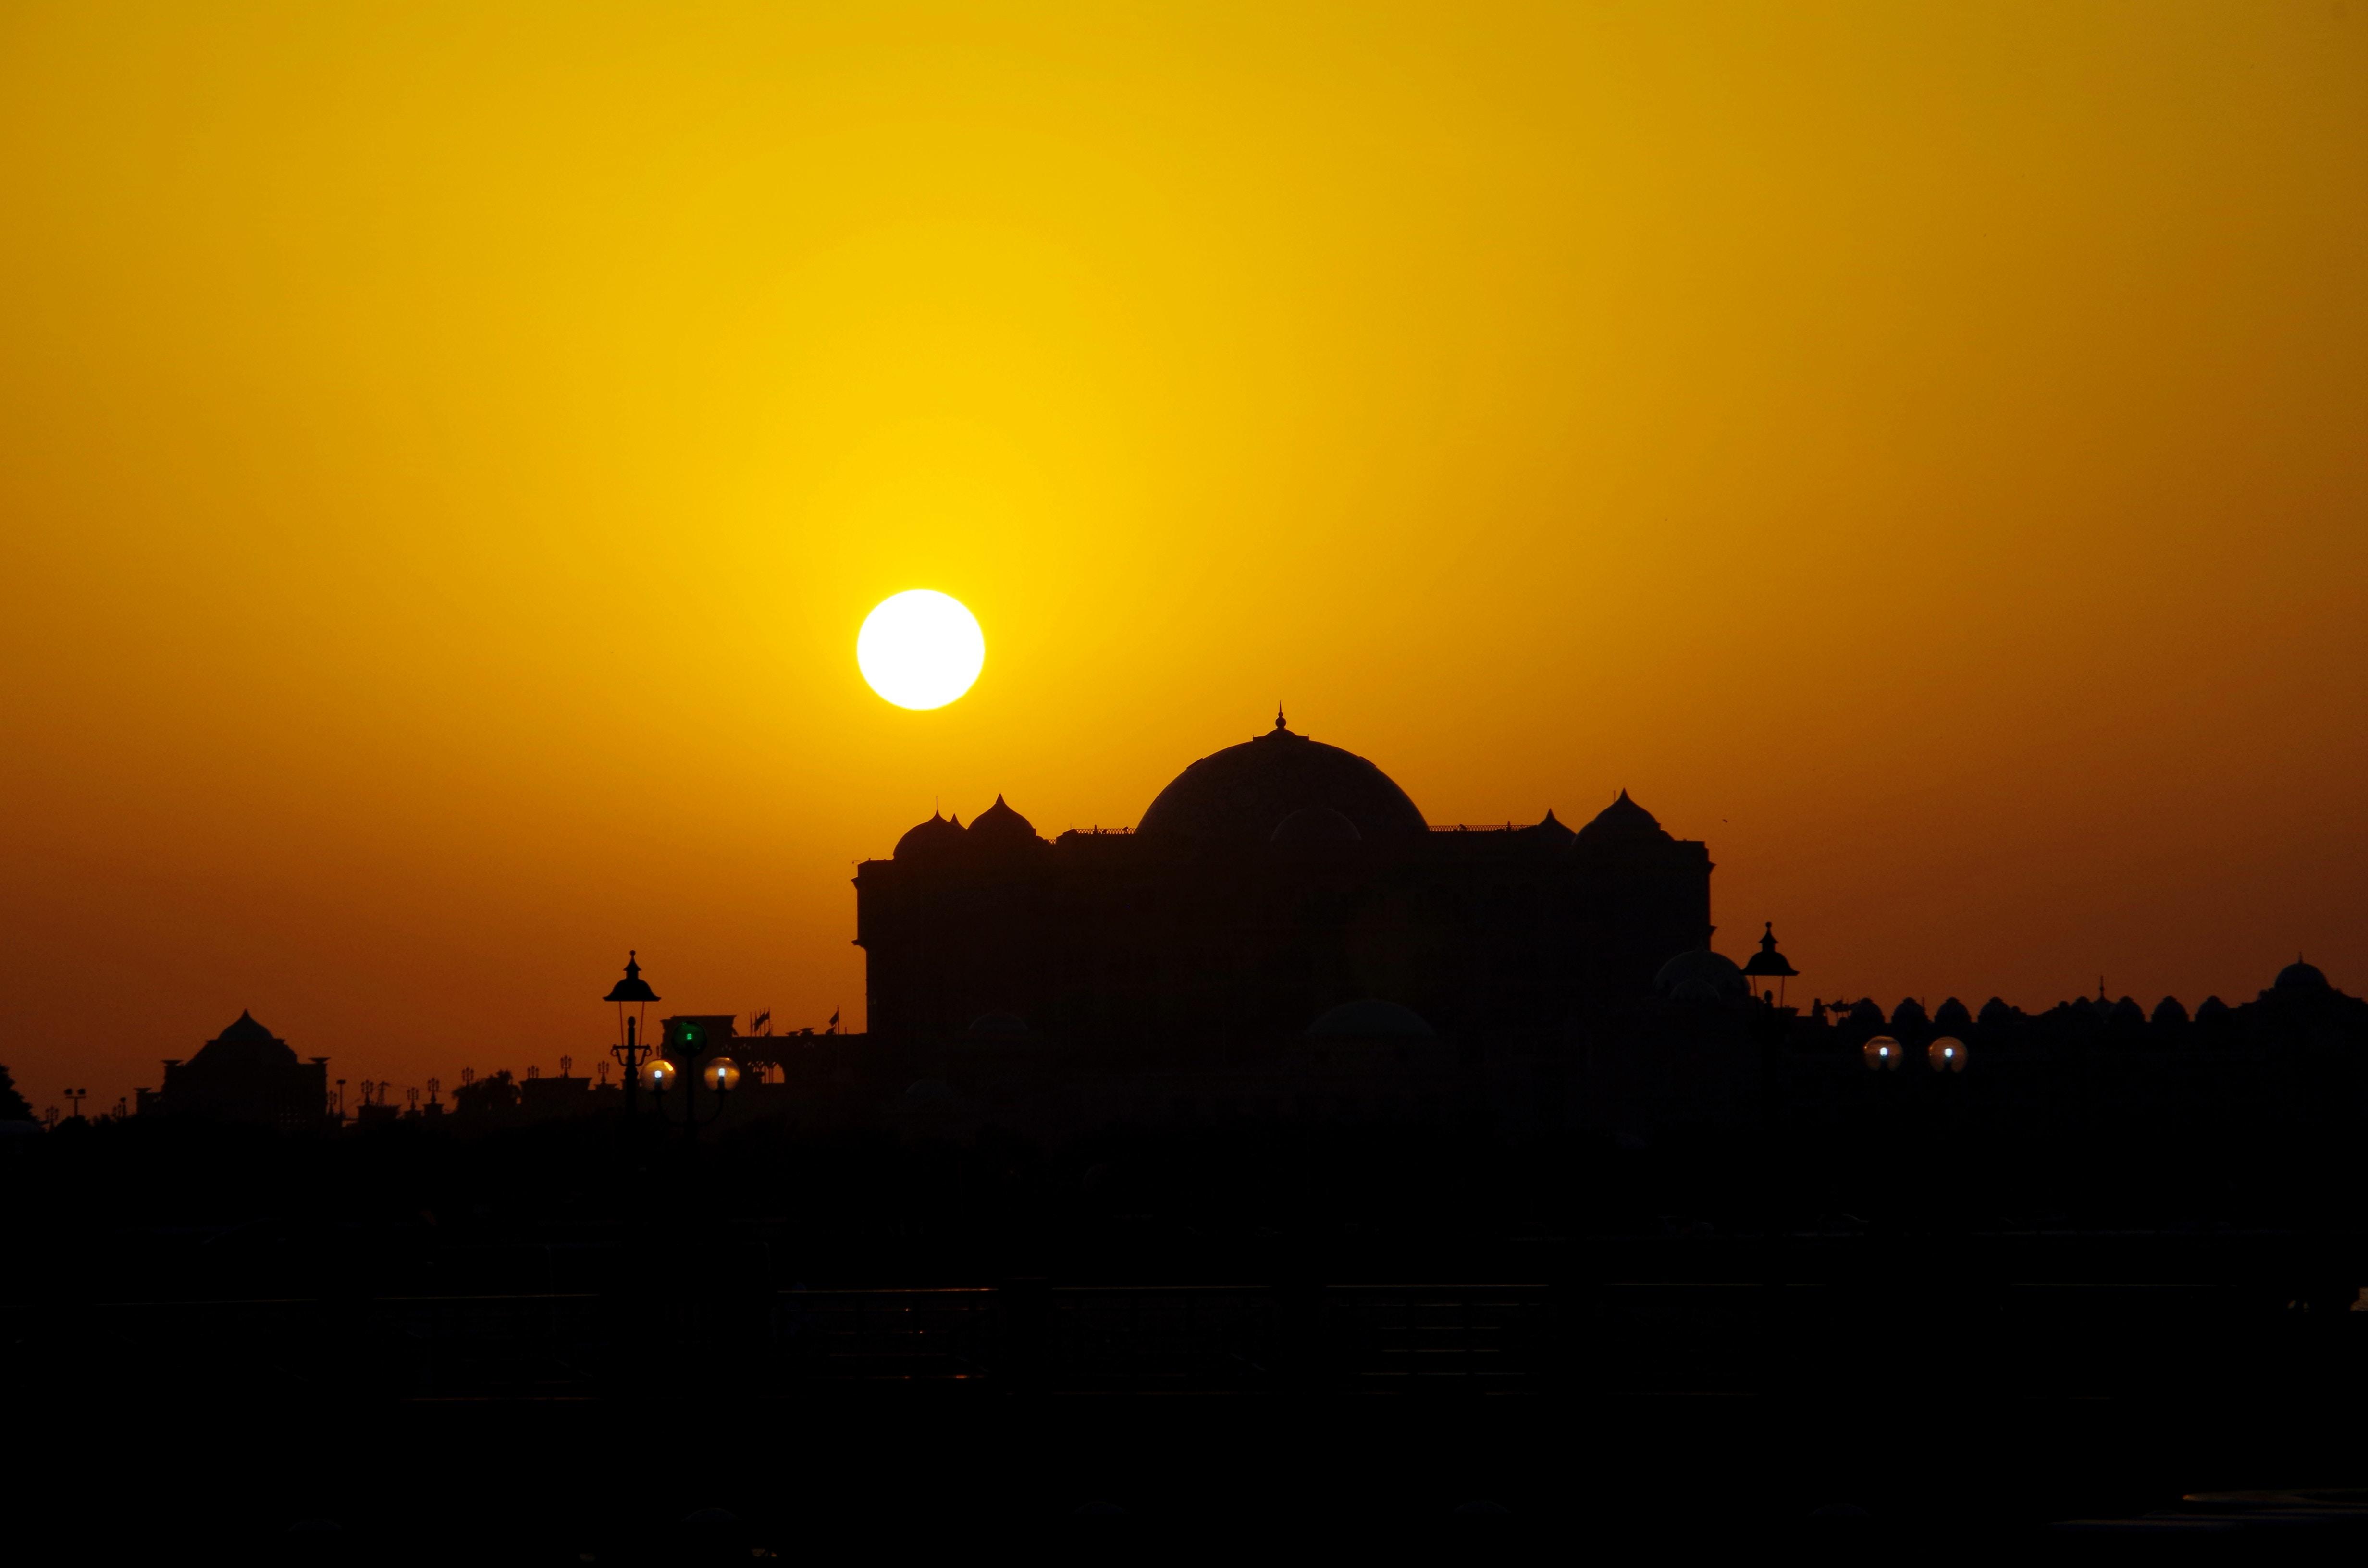 太陽とモスク